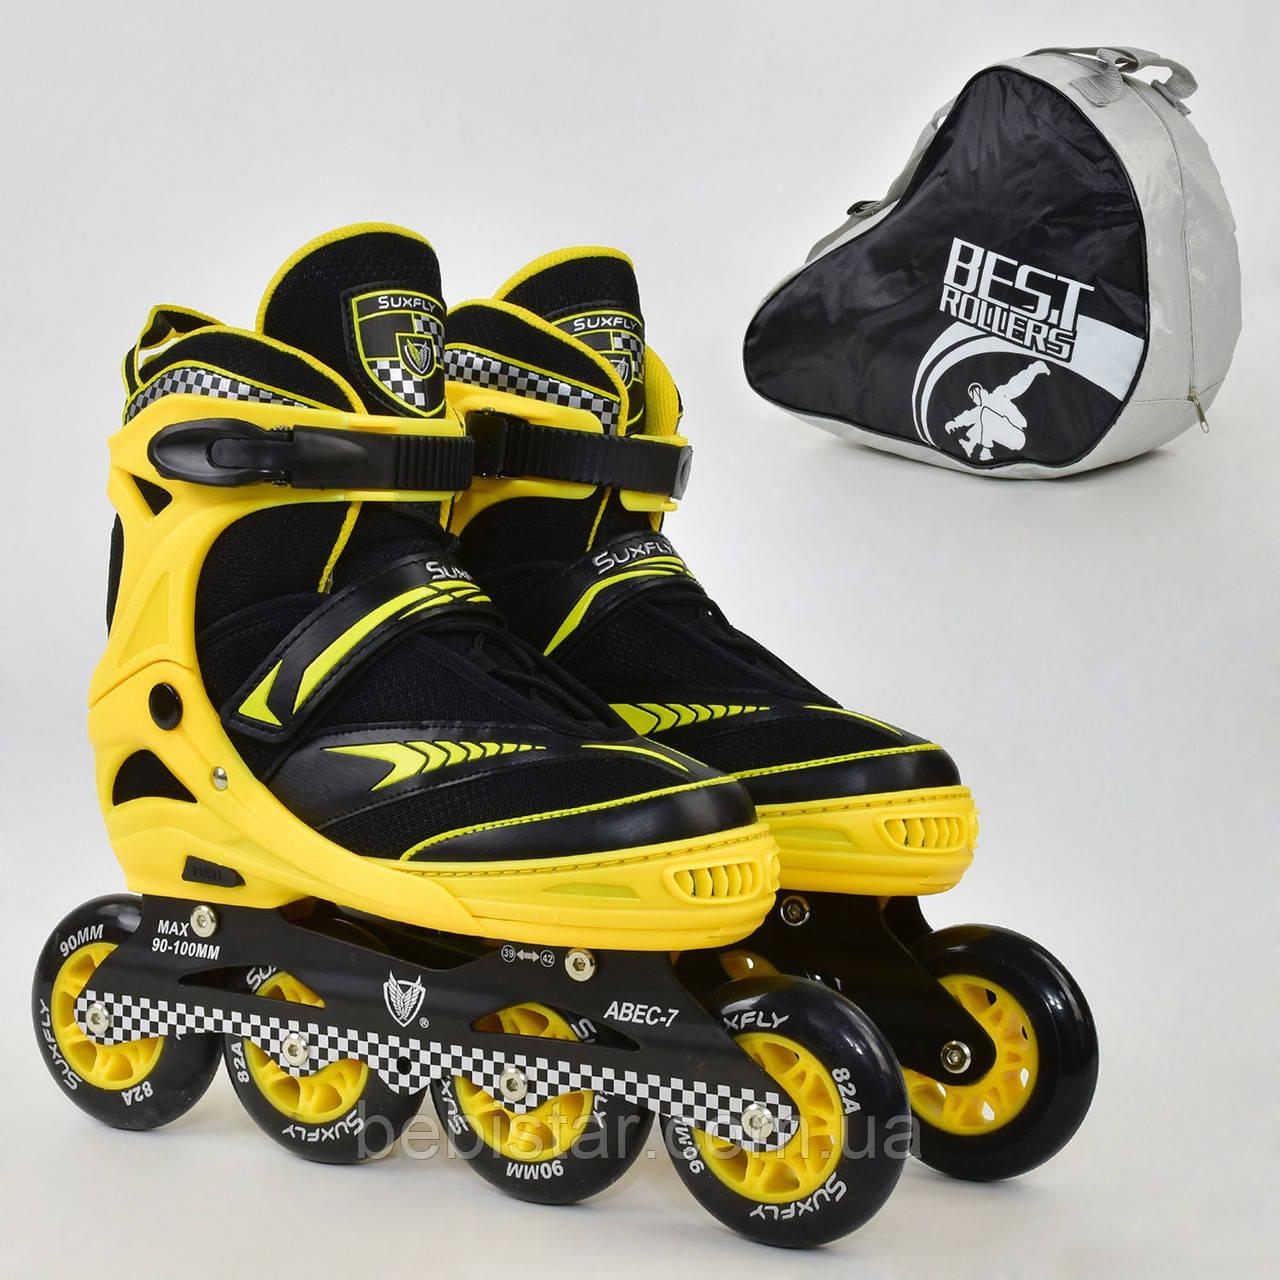 Детские роликовые коньки желтые 6014 L Best Roller размер 39-42 полиуретановые колеса